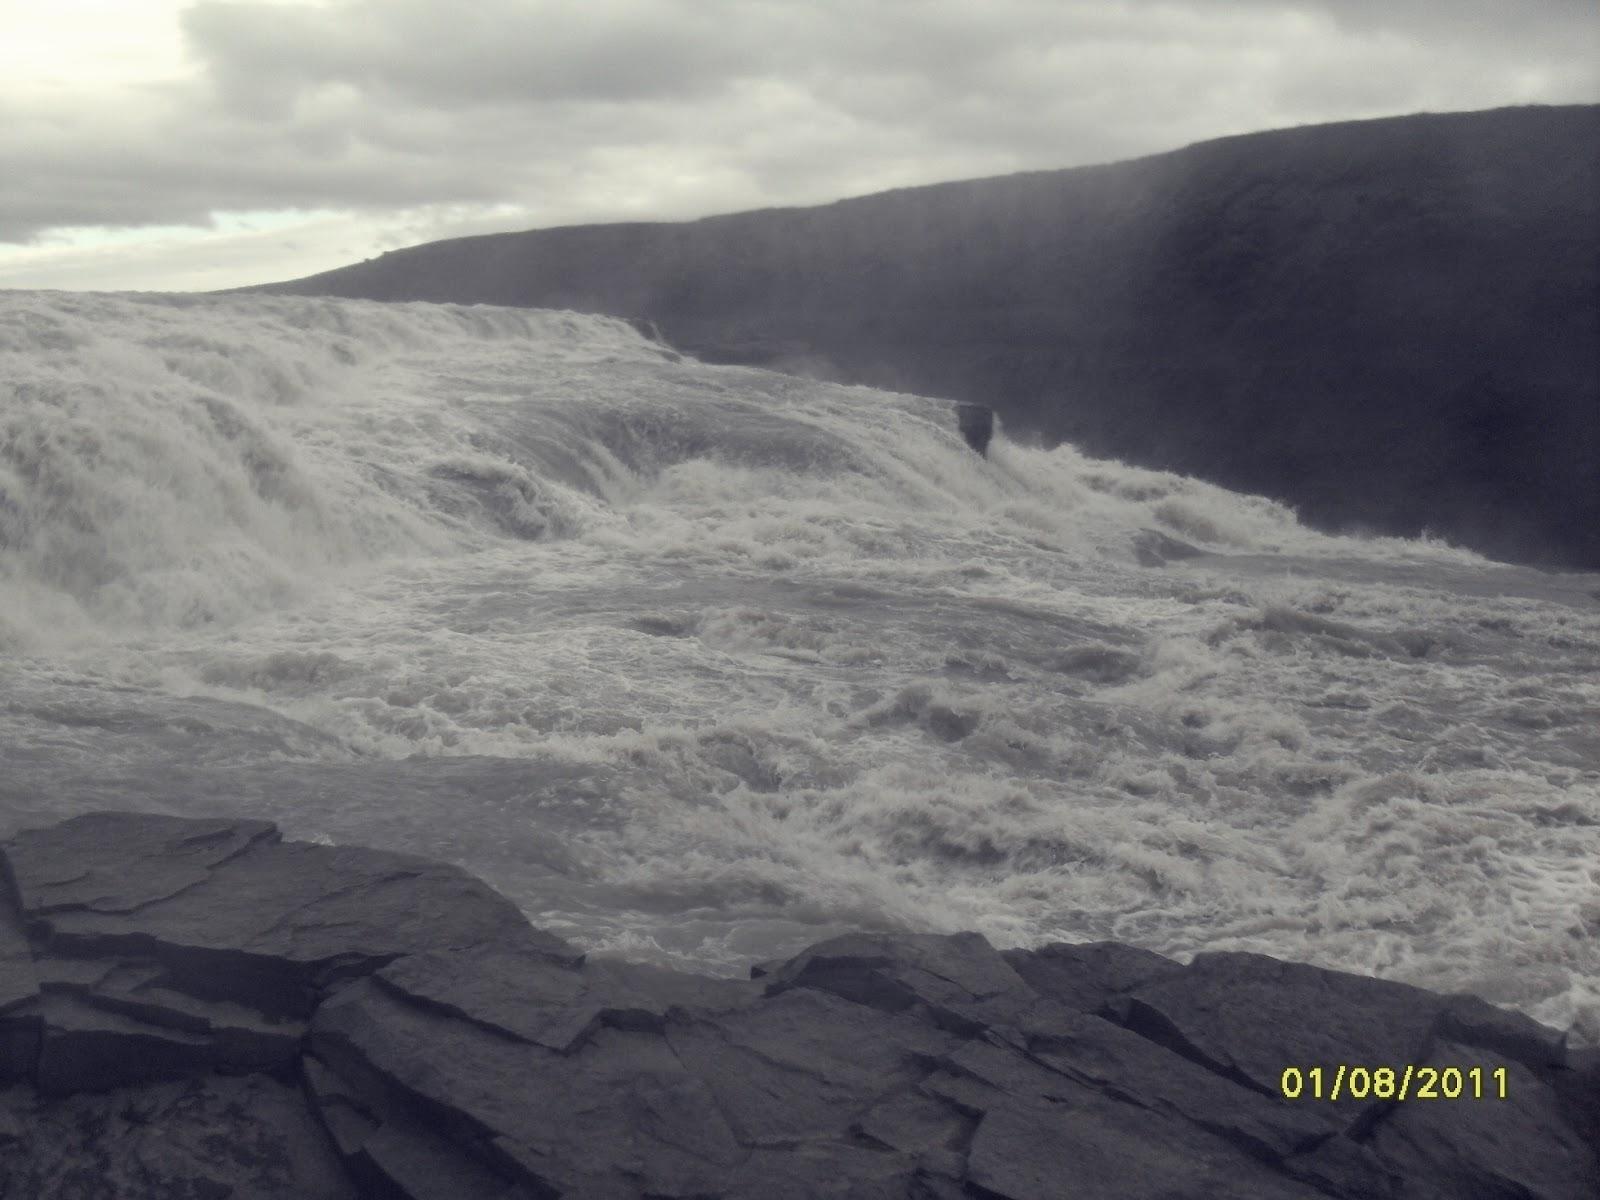 wodospad Gullfoss z bliska, Gulfoss, islandzki wodospad, południowa Islandia, atrakcje Islandii, golden circle